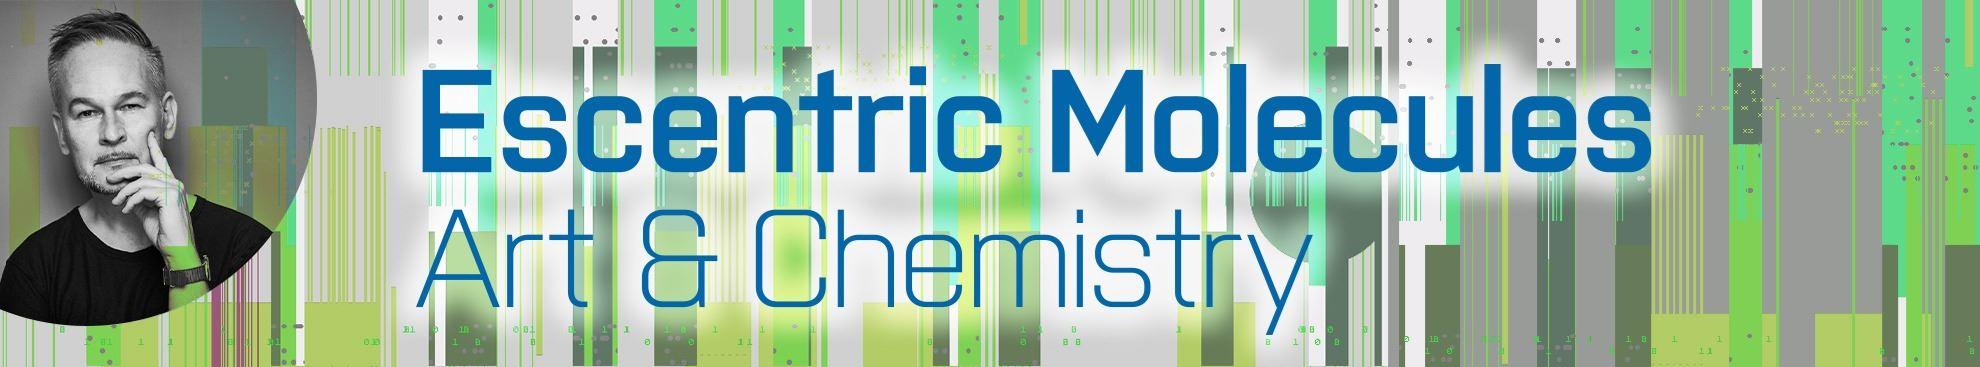 اسنتریک مولکولز